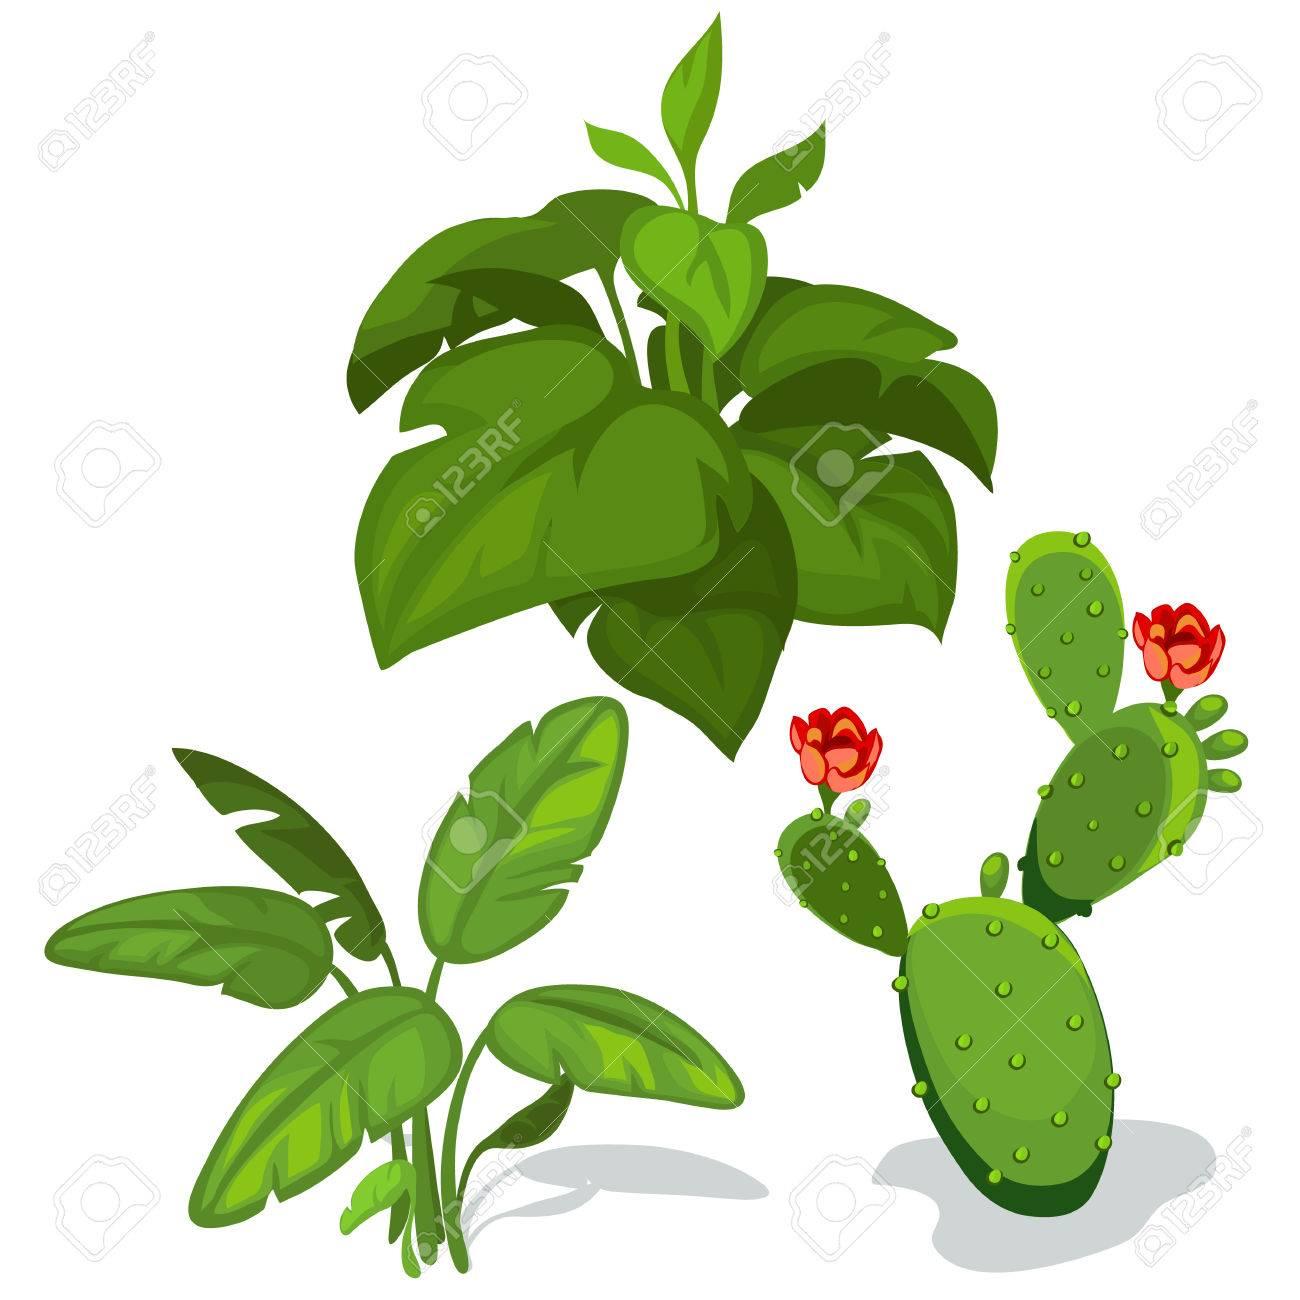 Cactus Con Flores Y Hojas Verdes Grandes. Ilustración Vectorial ...